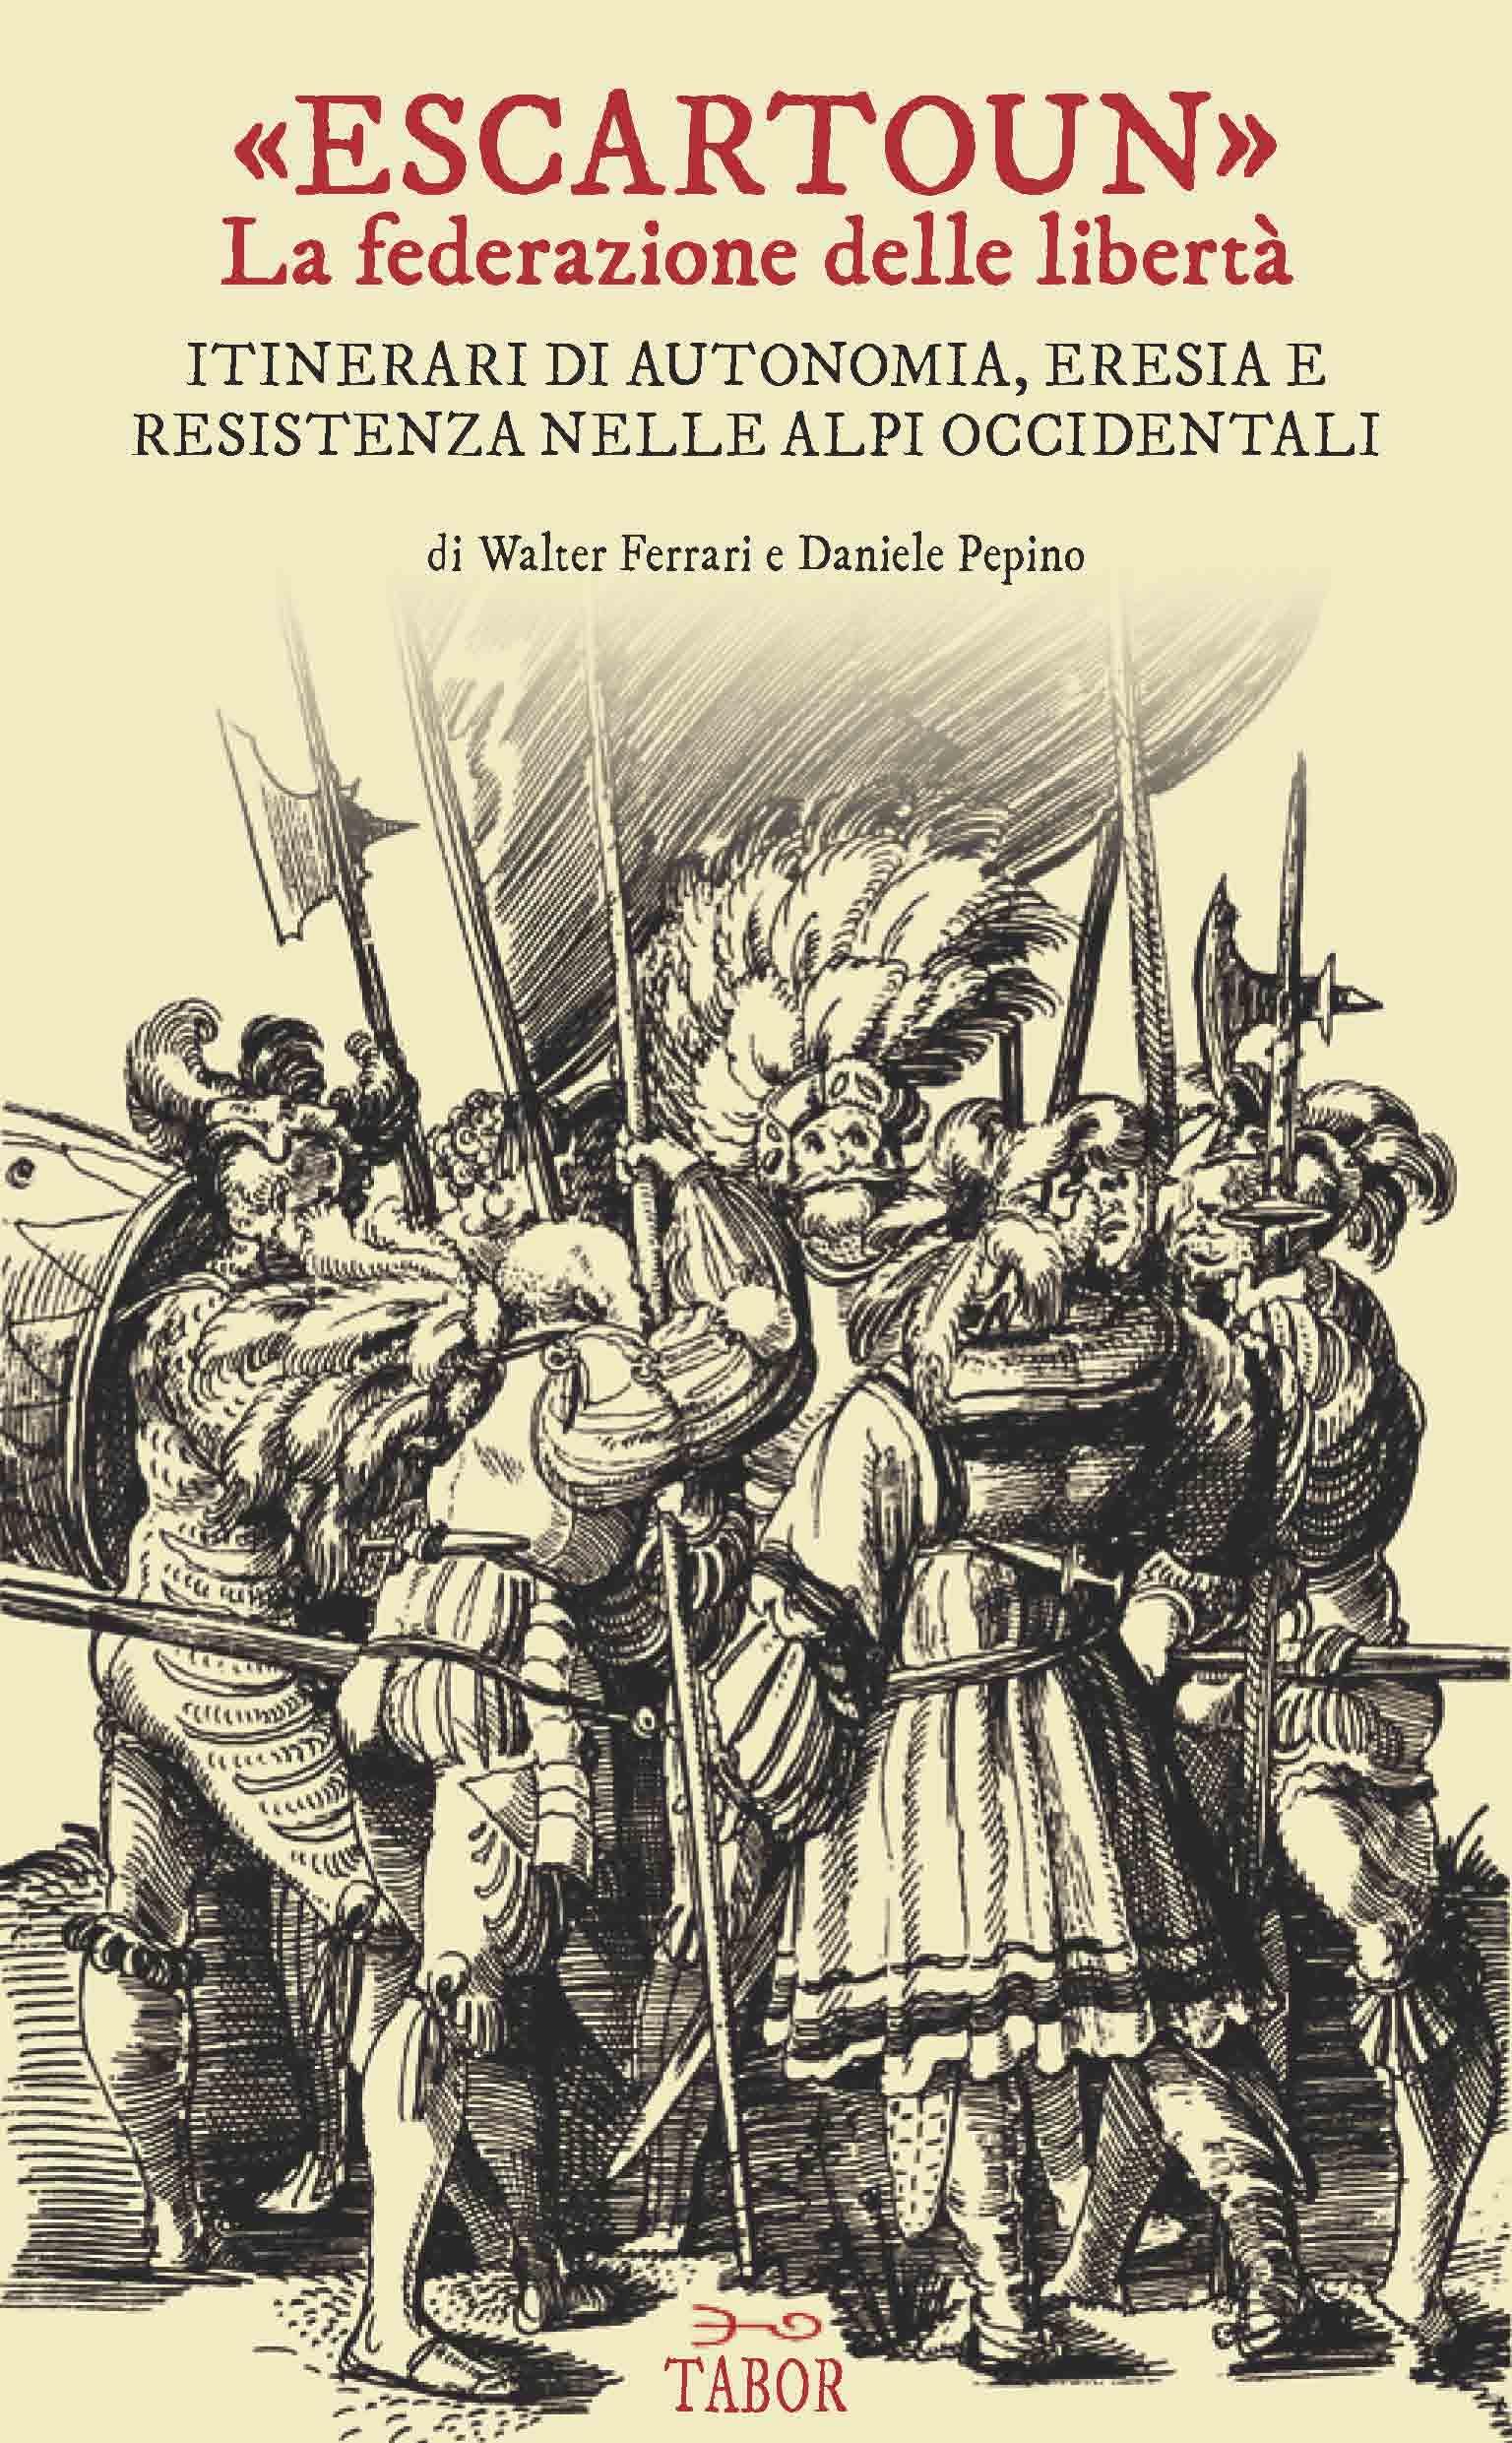 """""""Escartoun"""", la federazione delle libertà - Itinerari di autonomia, eresia e resistenza nelle Alpi occidentali Book Cover"""